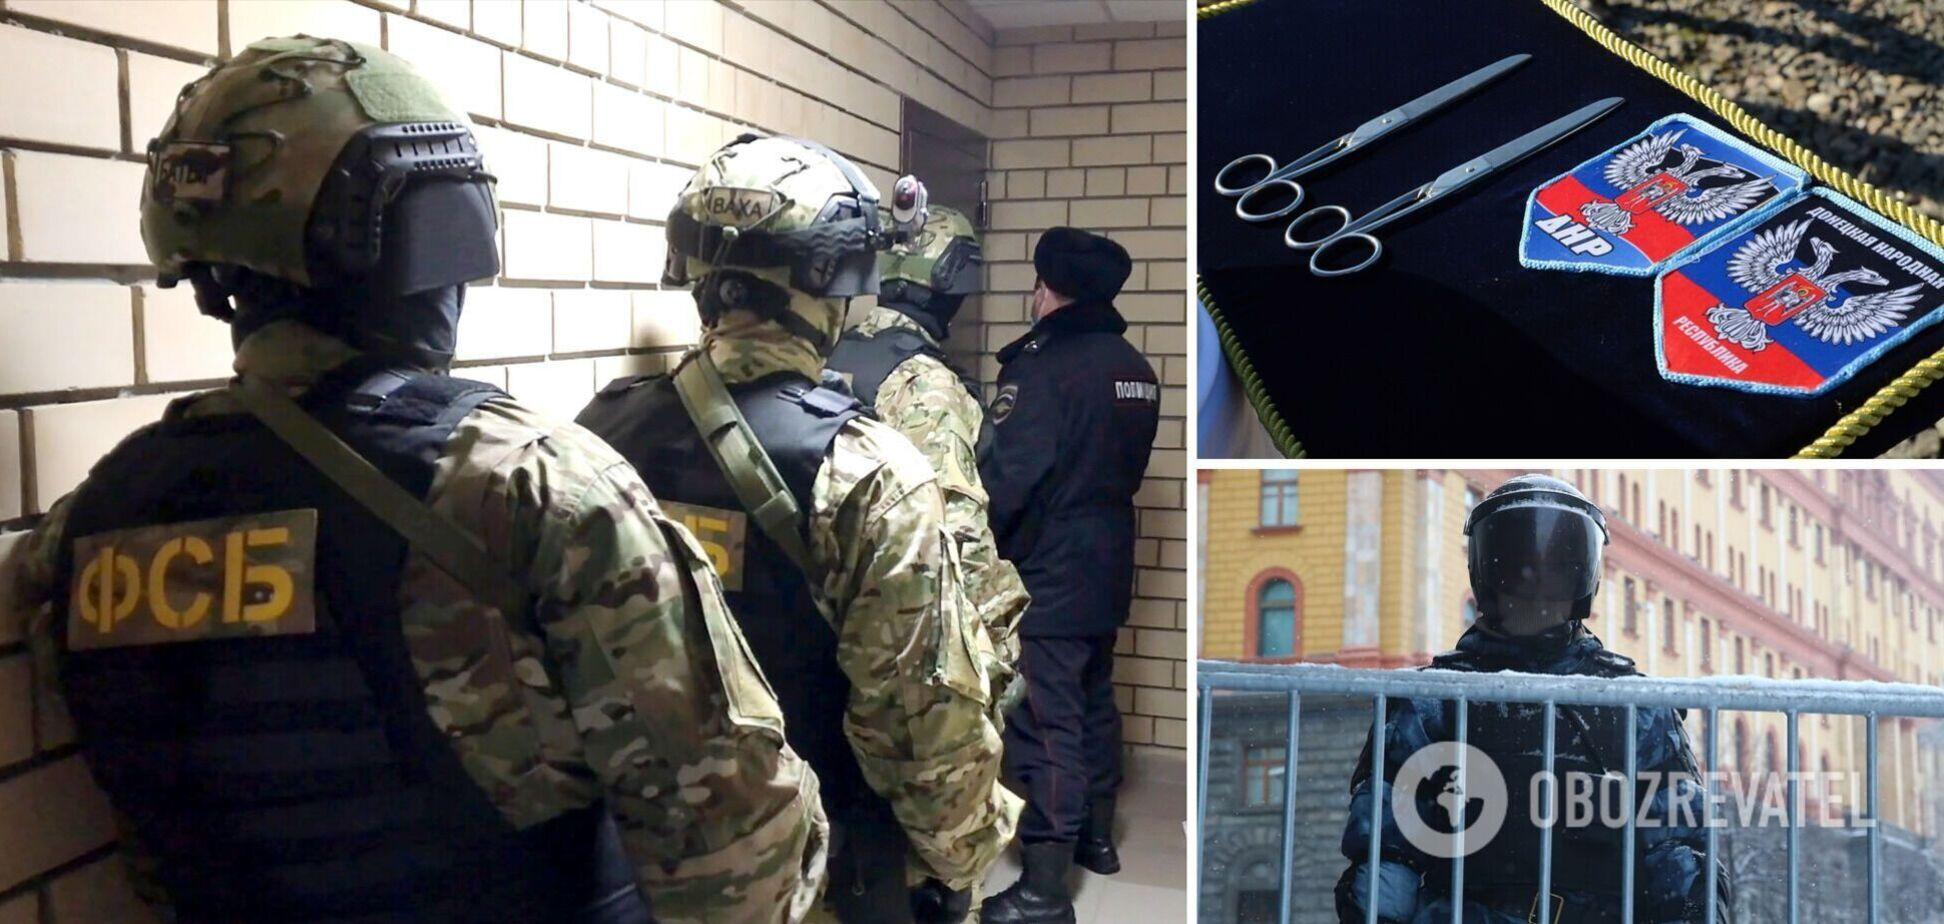 'Гопники какие-то, а не герои 'ДНР'. Кто и для чего устроил в России охоту на убийц и мародеров. Аудиоперехват